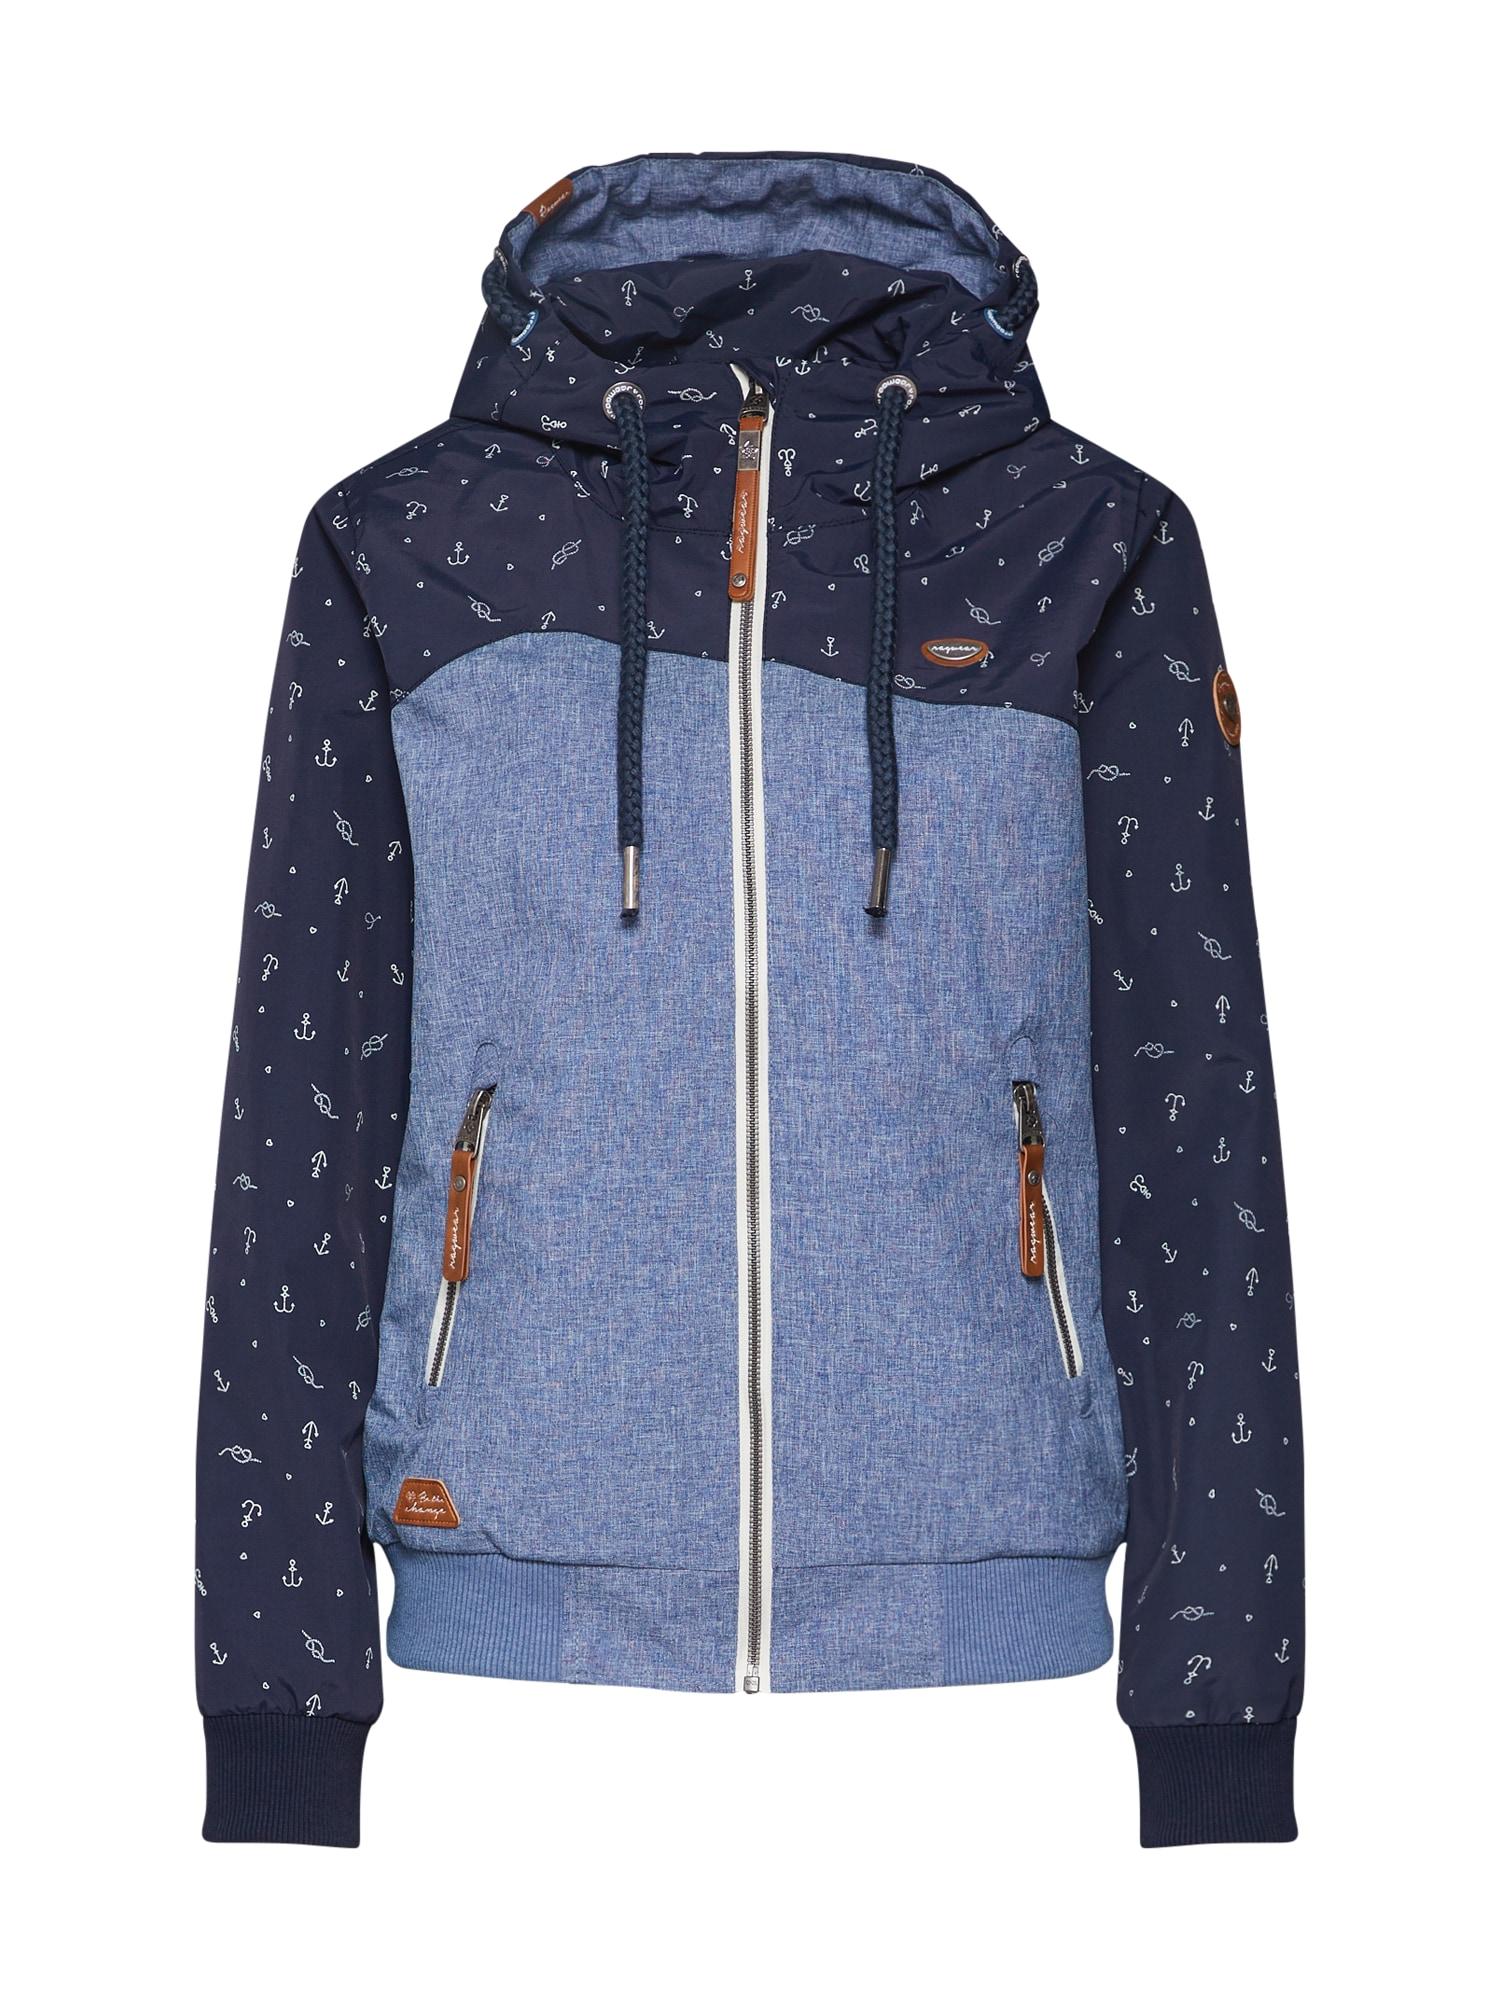 Přechodná bunda Nuggie B námořnická modř modrá džínovina bílá Ragwear